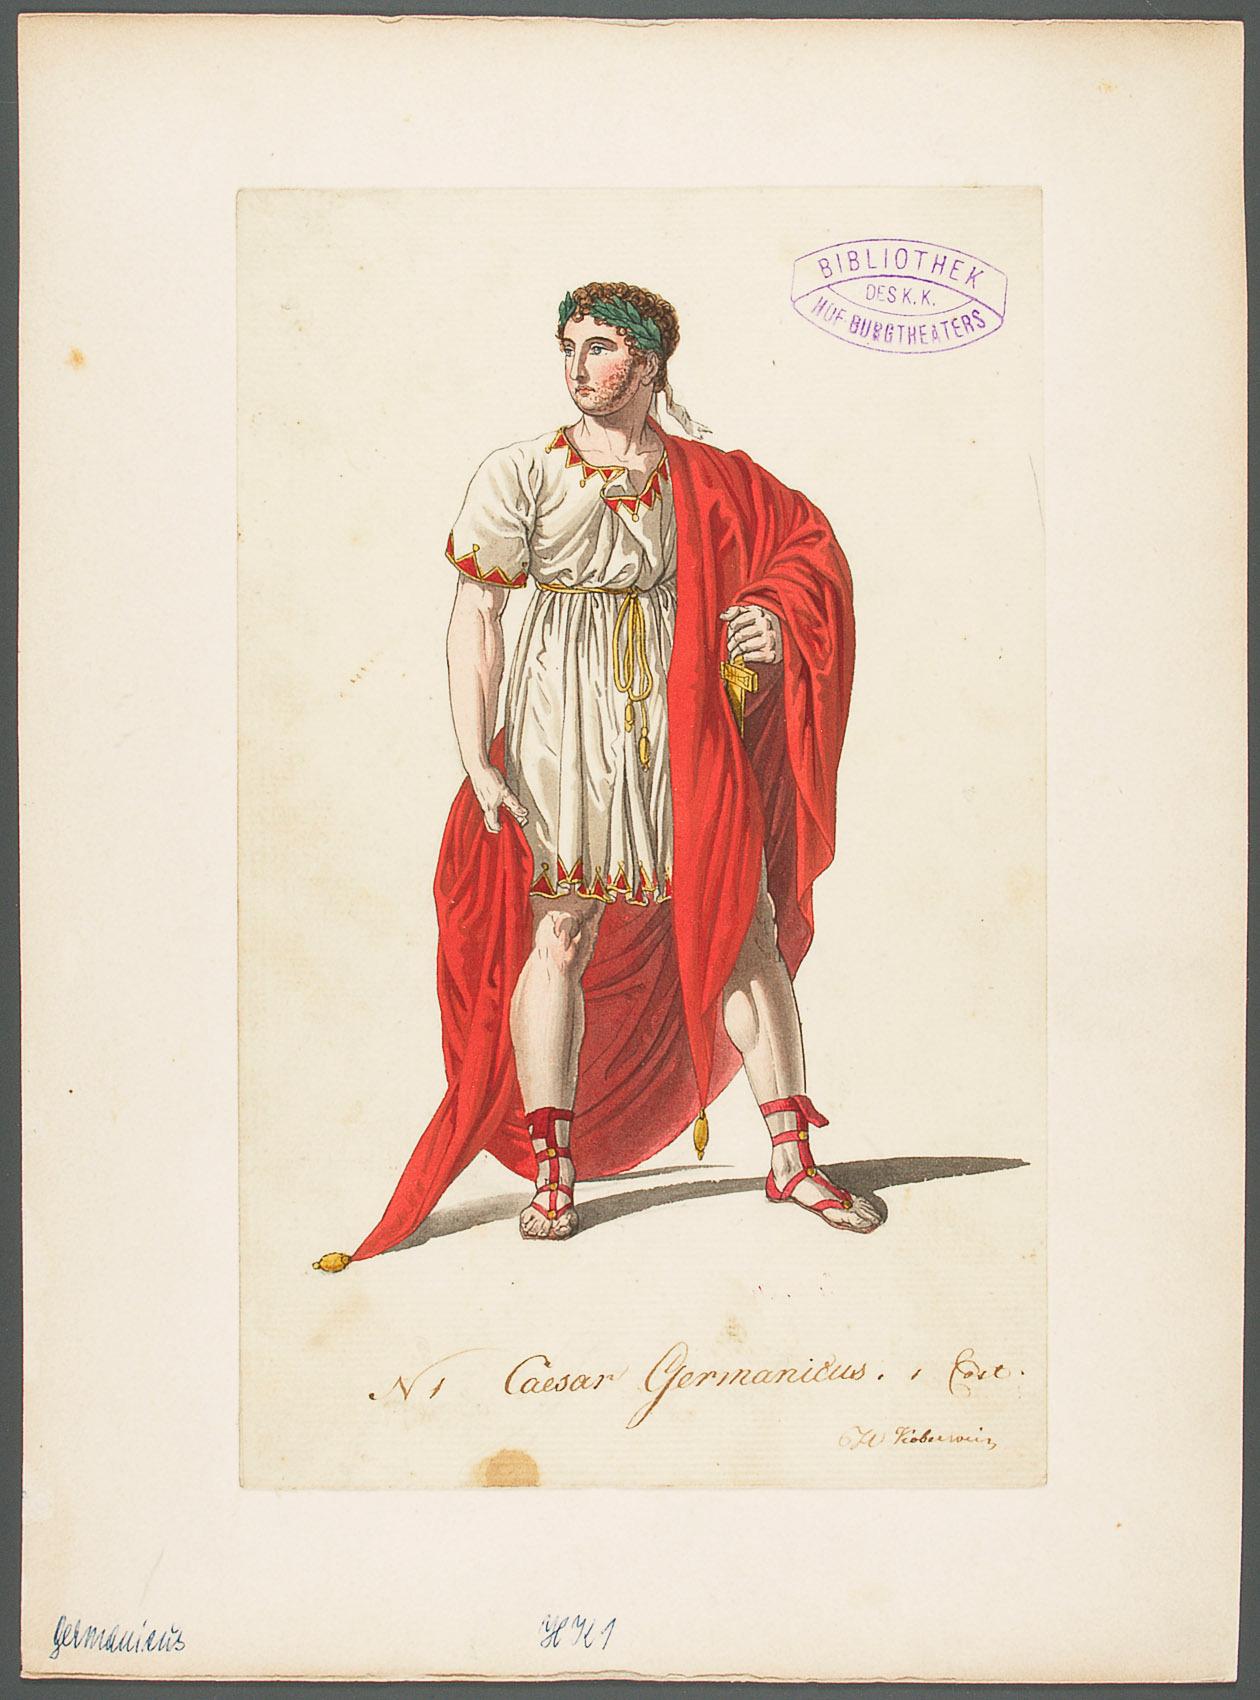 Germanicus von Philipp von Stubenrauch